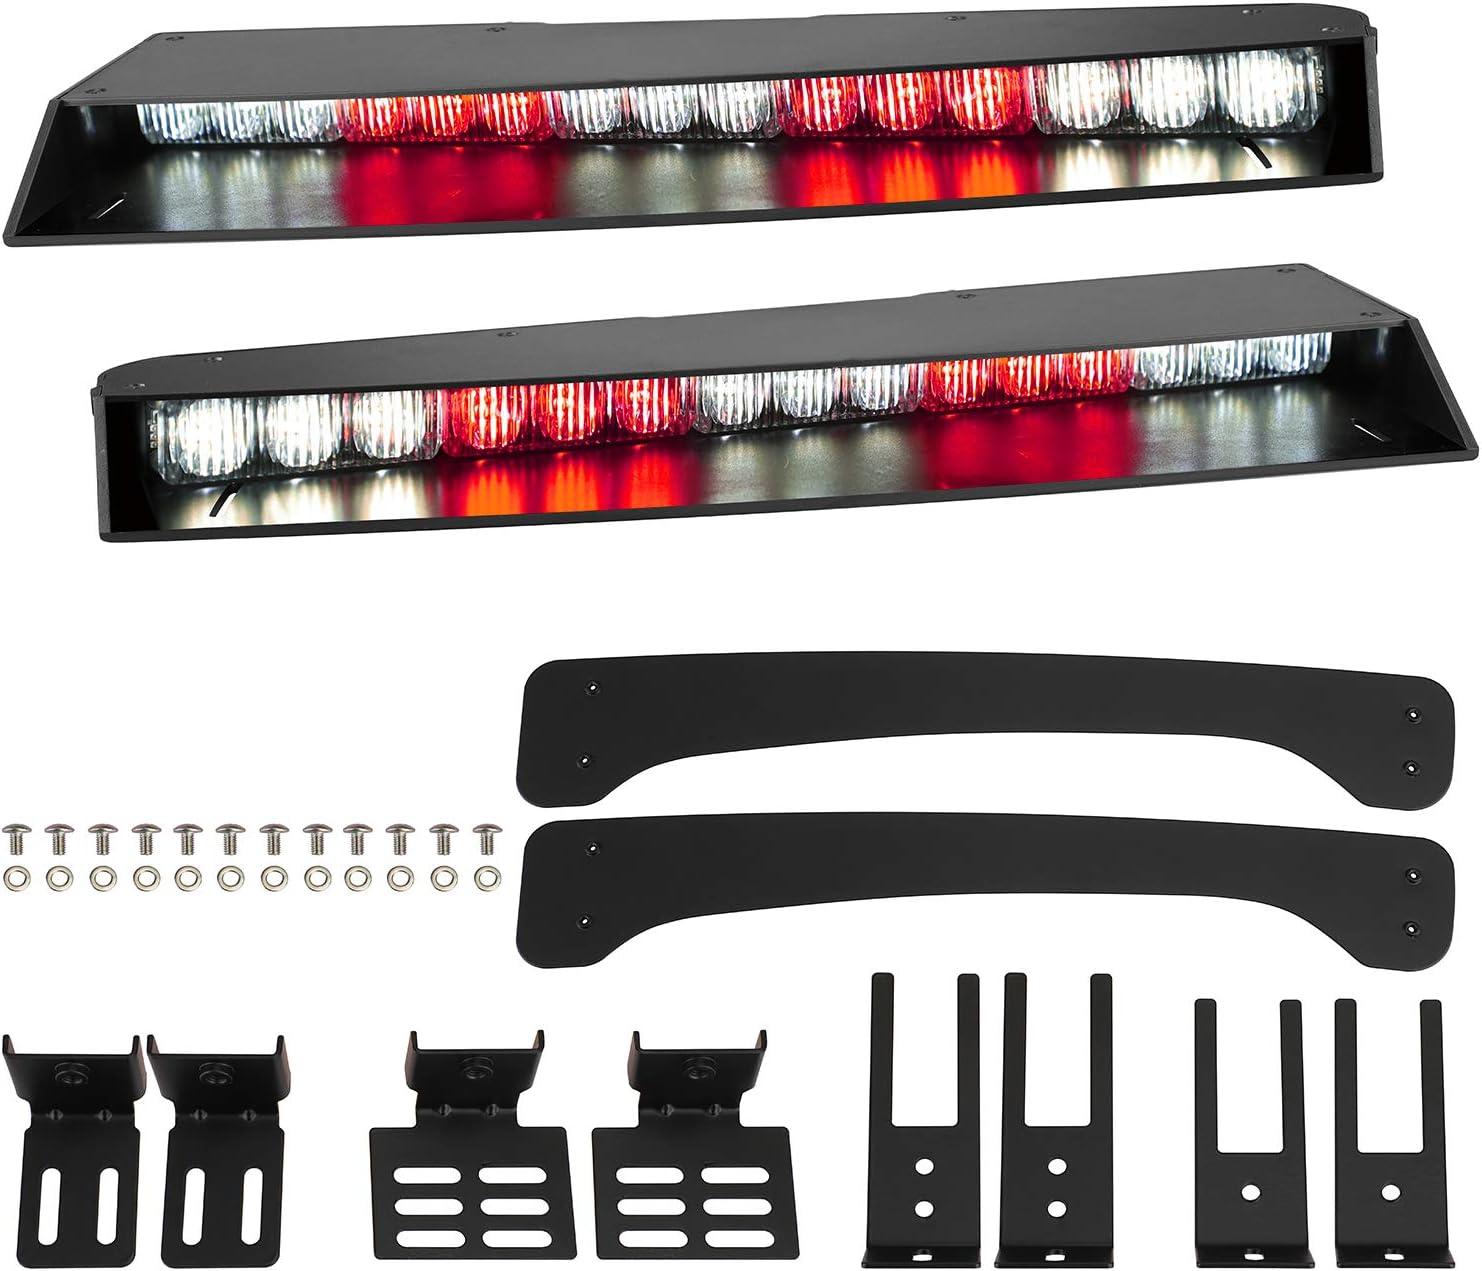 ASPL Visor lights bar 2-15 LED 29 Flash Patterns Interior Upper Windshield Split Mount Emergency Hazard Warning Strobe Light Bar Take Down Light Kit Red//White